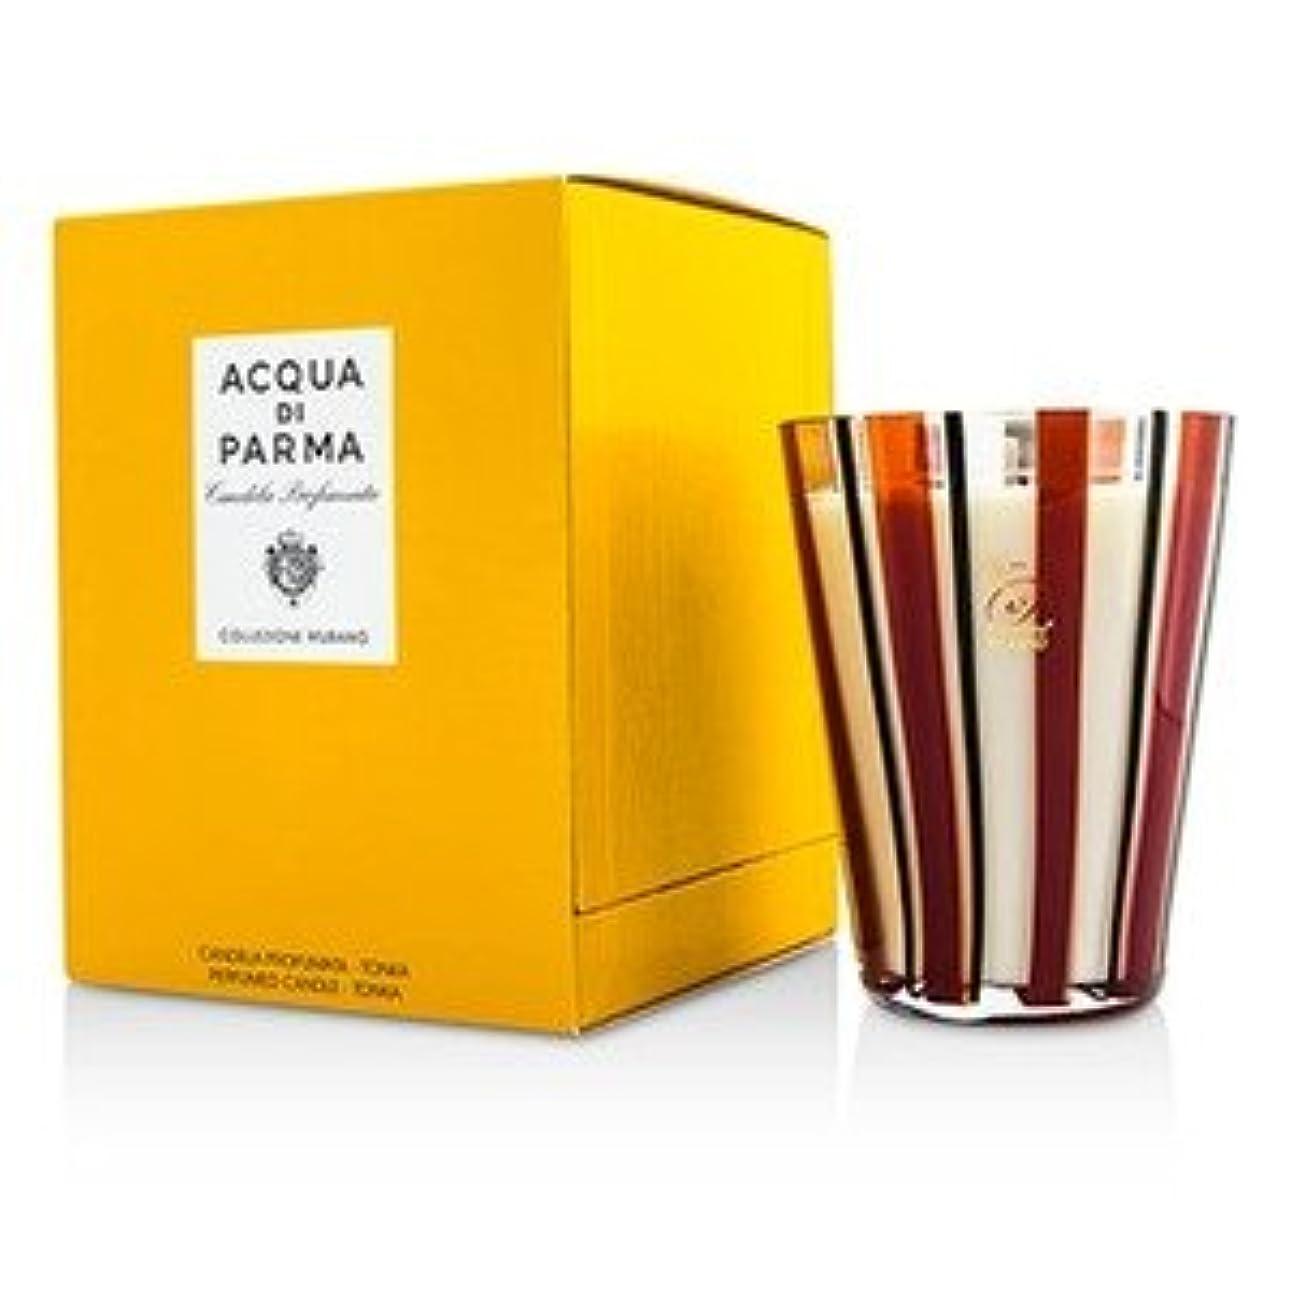 虚偽給料前進アクア ディ パルマ[Acqua Di Parma] ムラノ グラス パフューム キャンドル - Tonka 200g/7.05oz [並行輸入品]